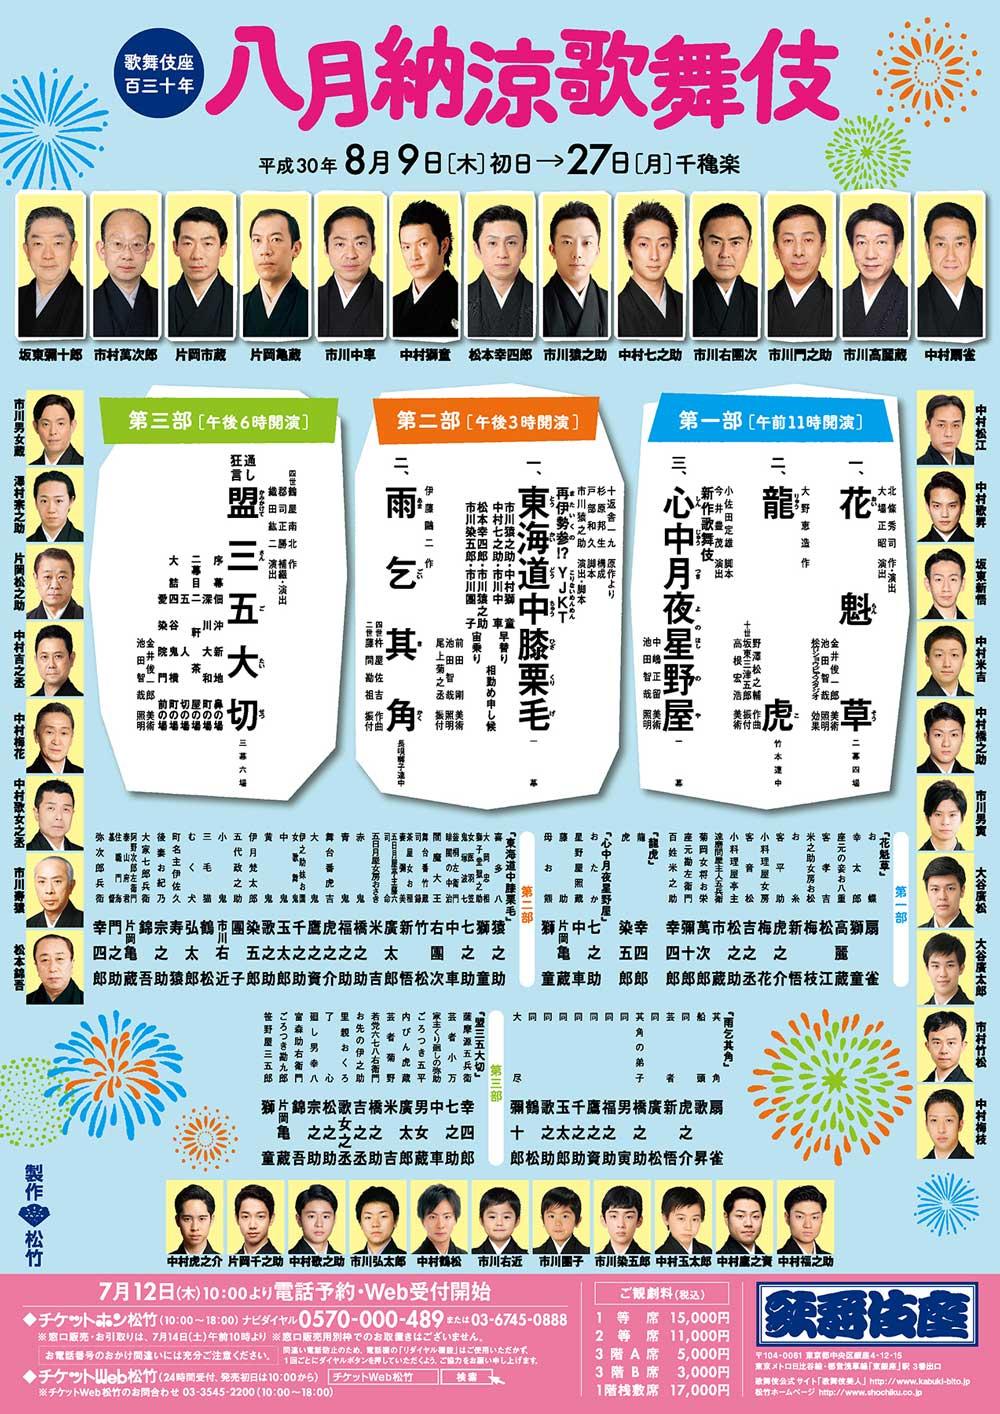 http://www.kabuki-bito.jp/uploads/images/kouen/576/kabukiza_201808f3_e38509b265db77210c600933fb60bea3.jpg